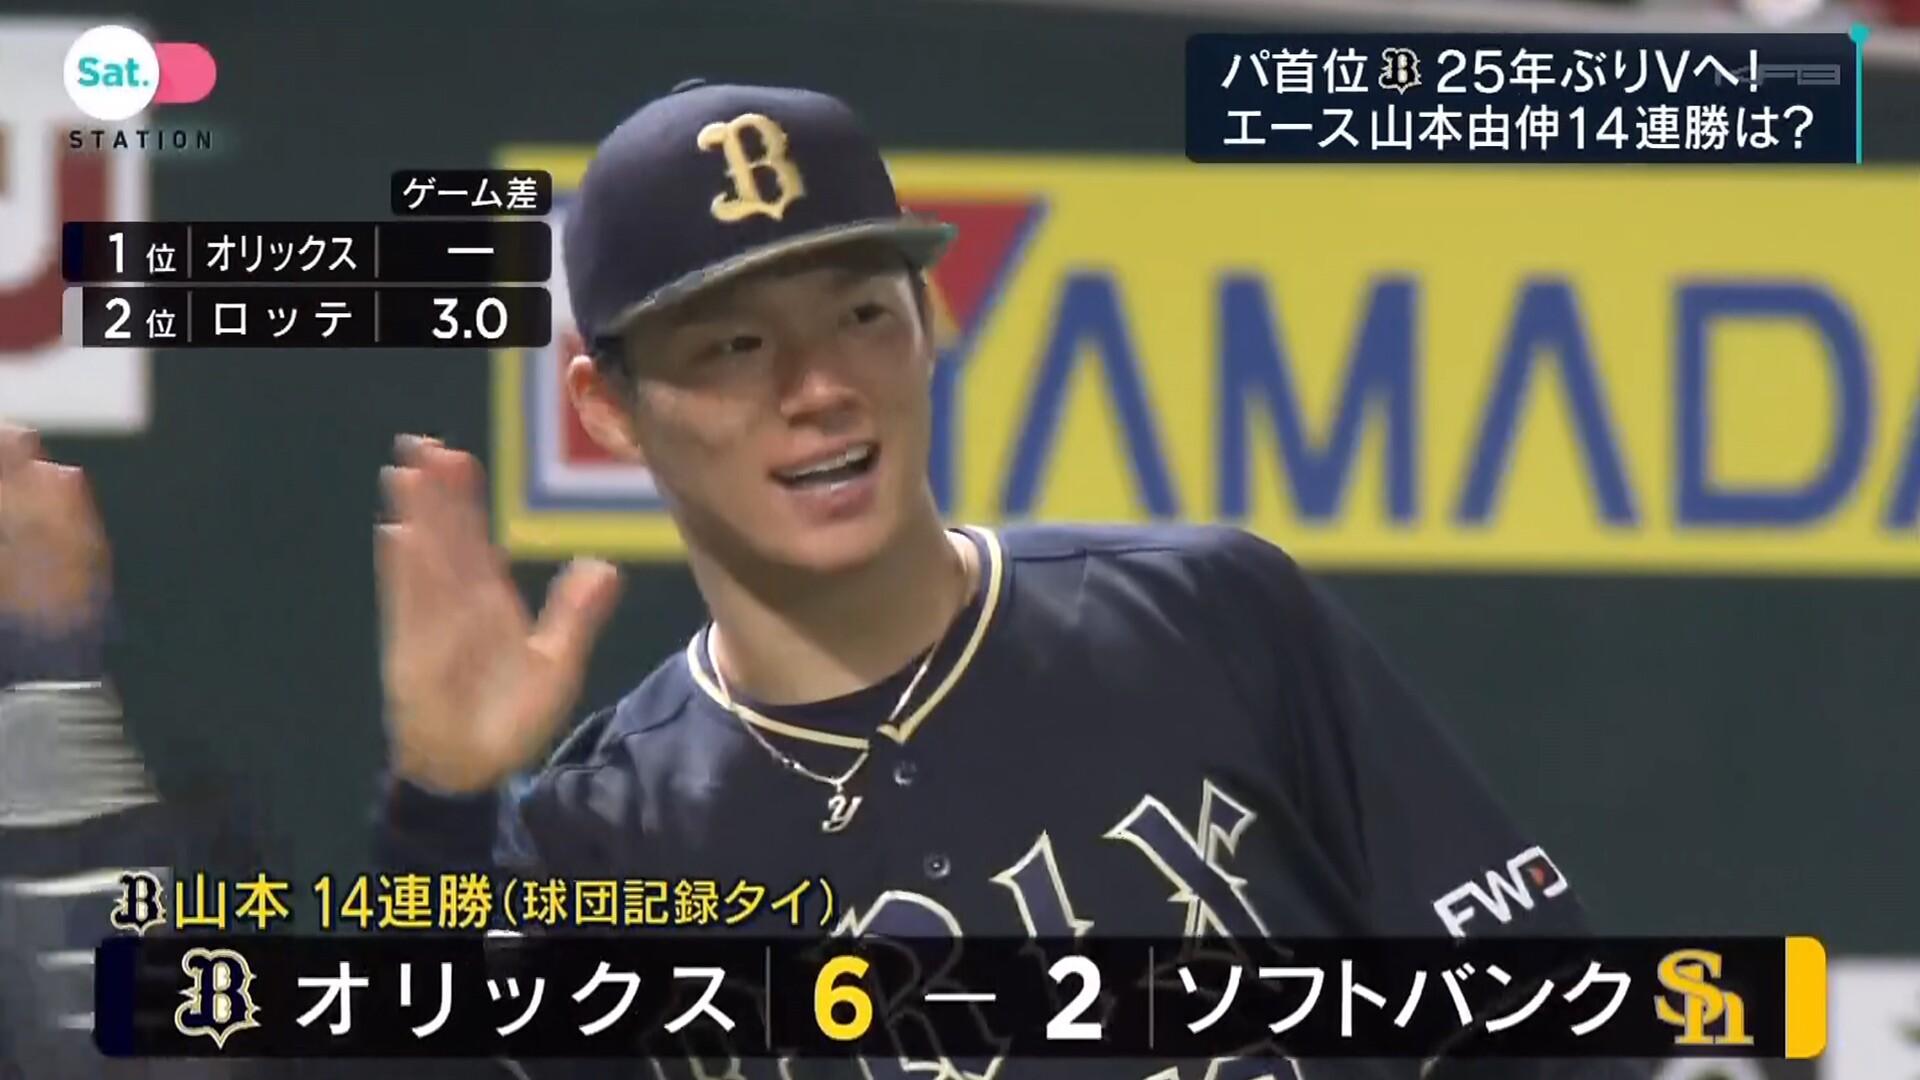 山本由伸(23) 17勝5敗 防1.46 ←これ